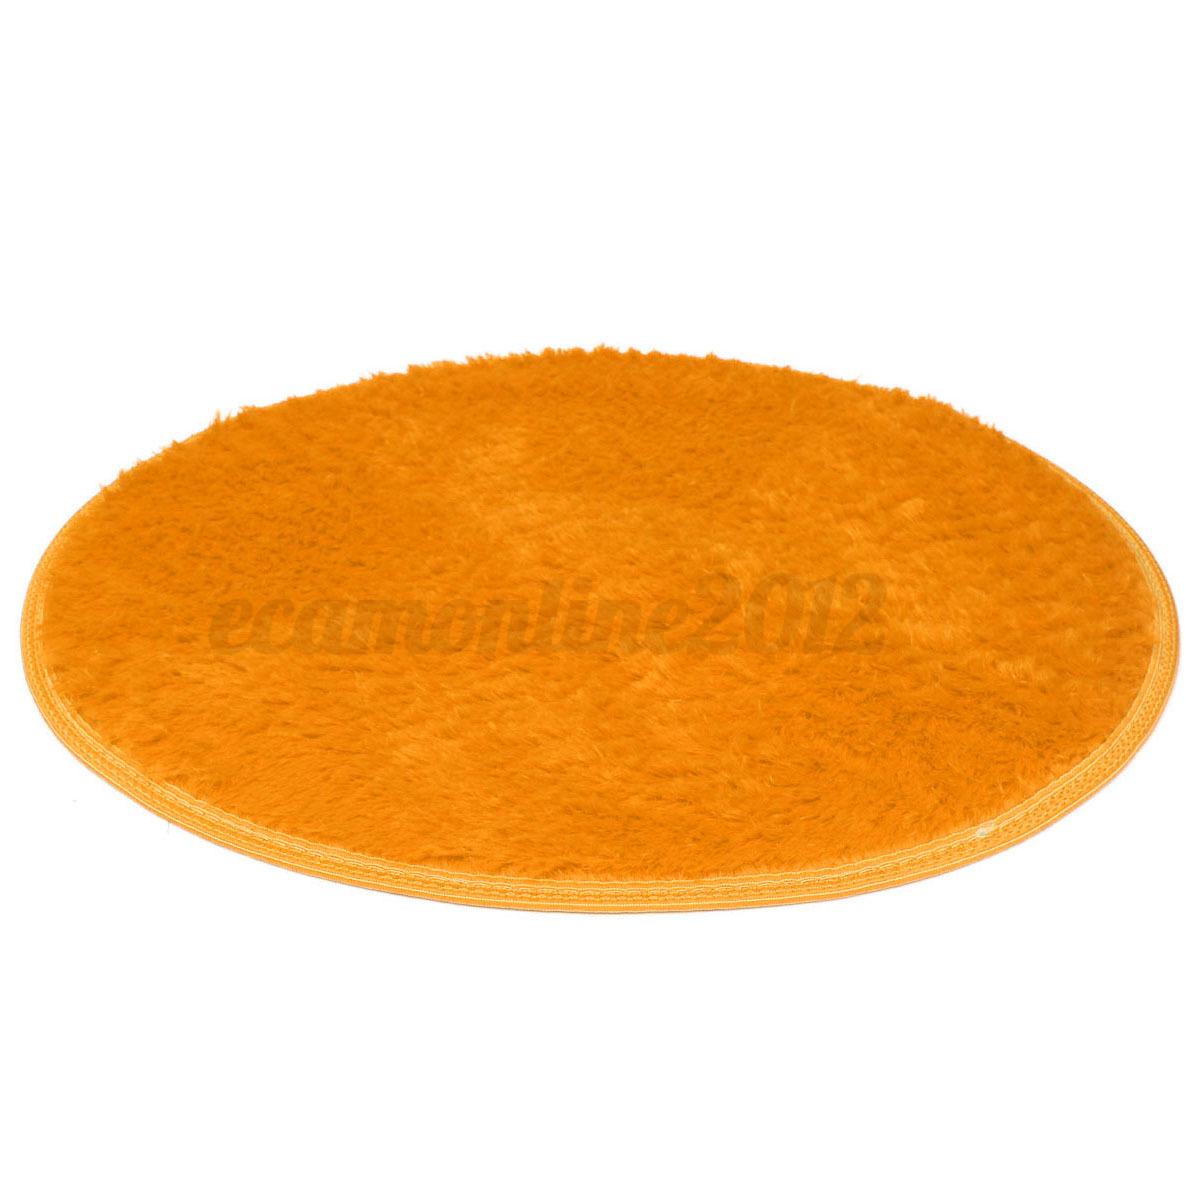 Antideslizante microfibra dormitorio cocina ba o ducha mat for Alfombras cocina antideslizantes